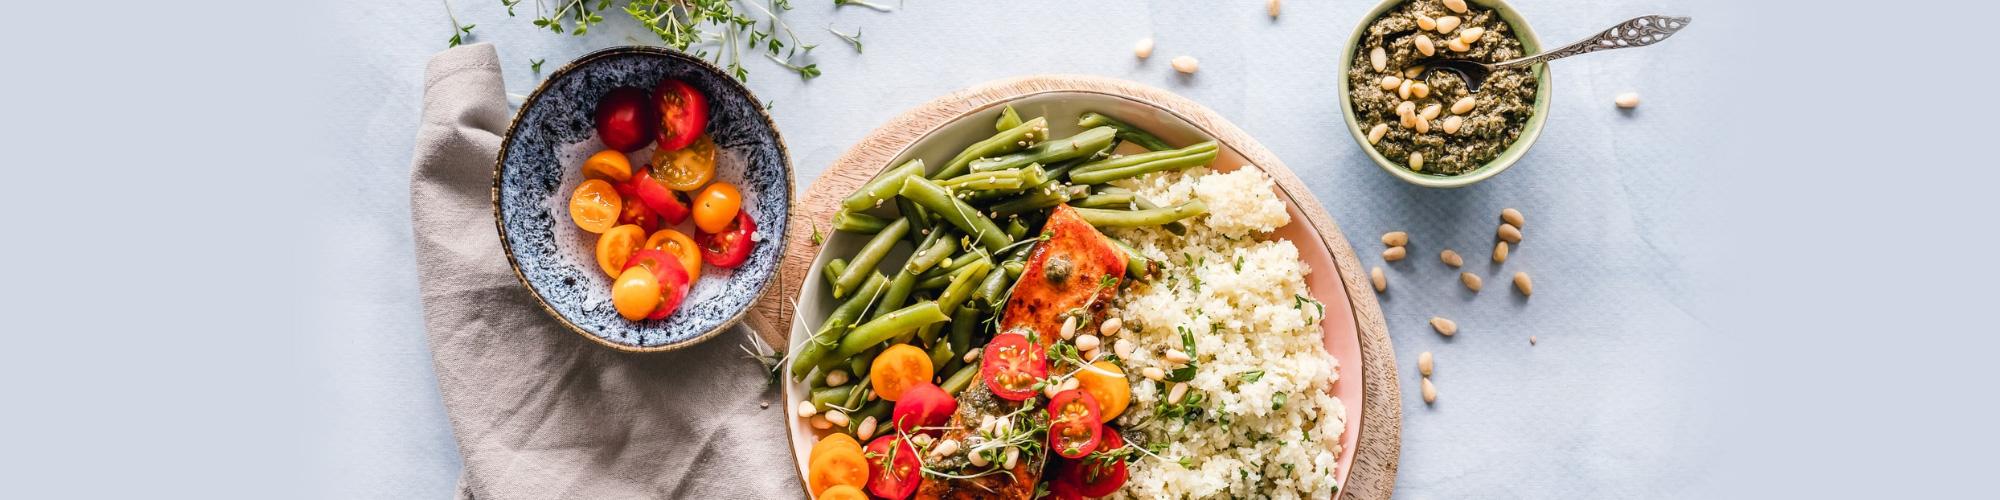 Meer energie door gezond eten? Verbeter je voedingspatroon